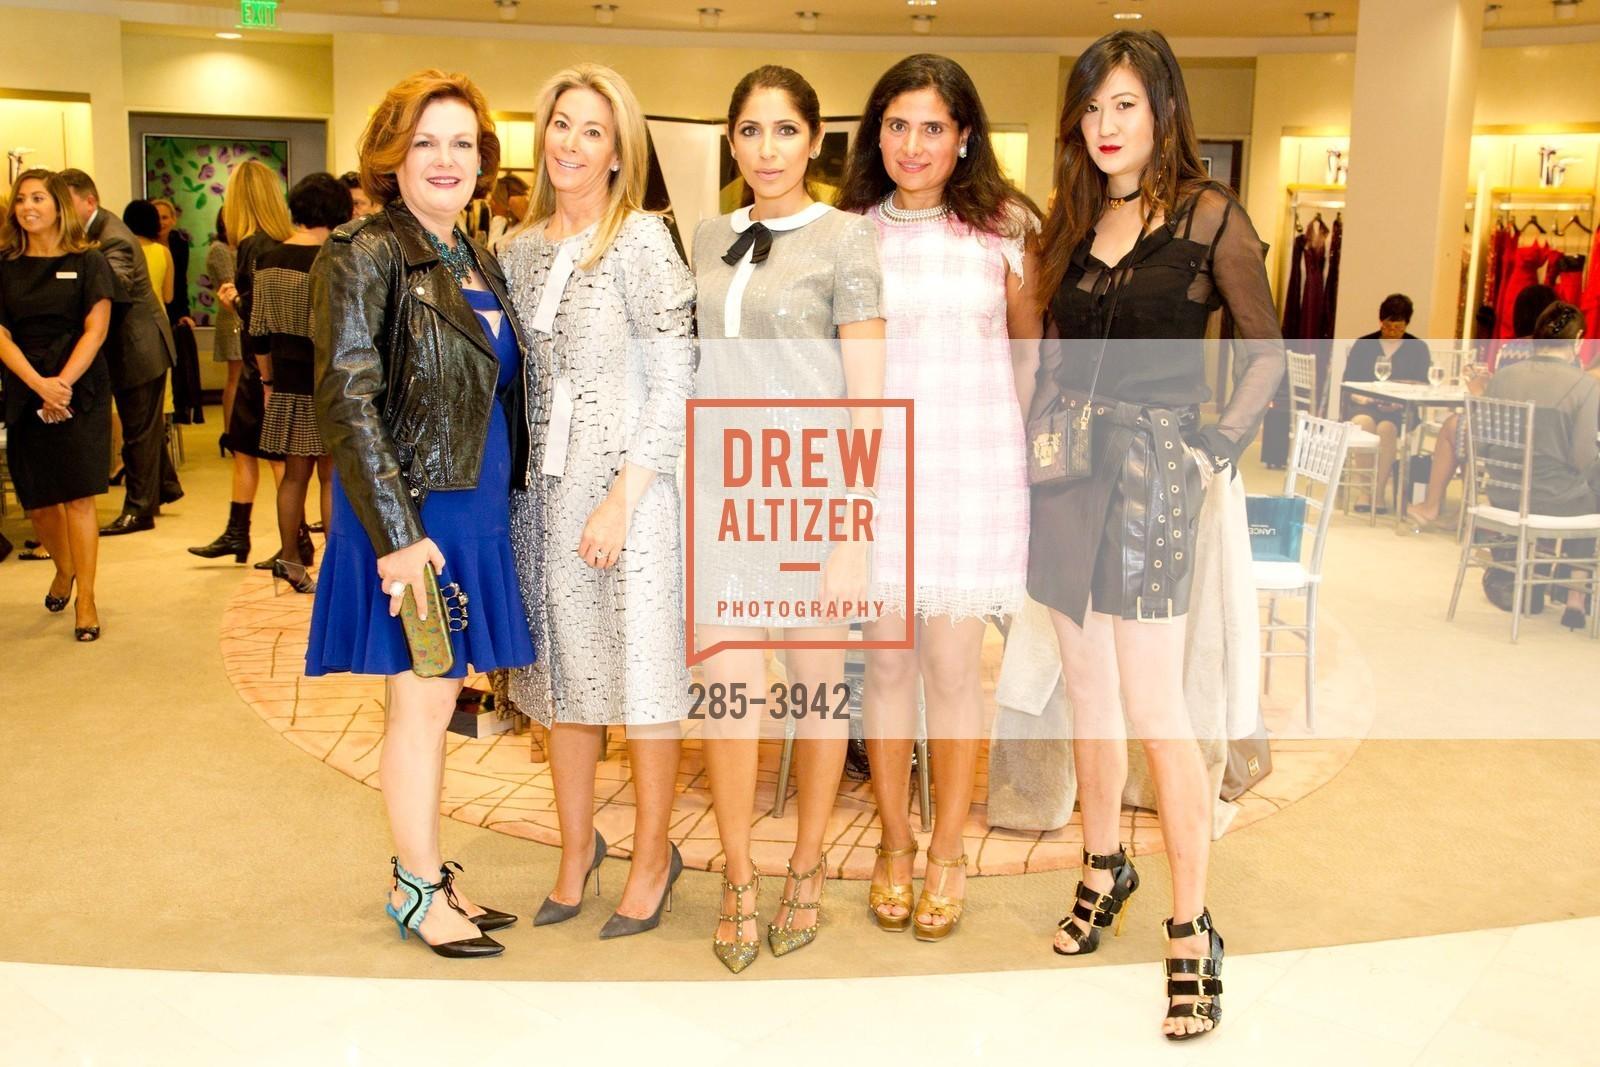 Jennifer Raiser, Dana Tananbaum, Sobia Shaikh, Minal Jethmal, Jessica Hon, Photo #285-3942